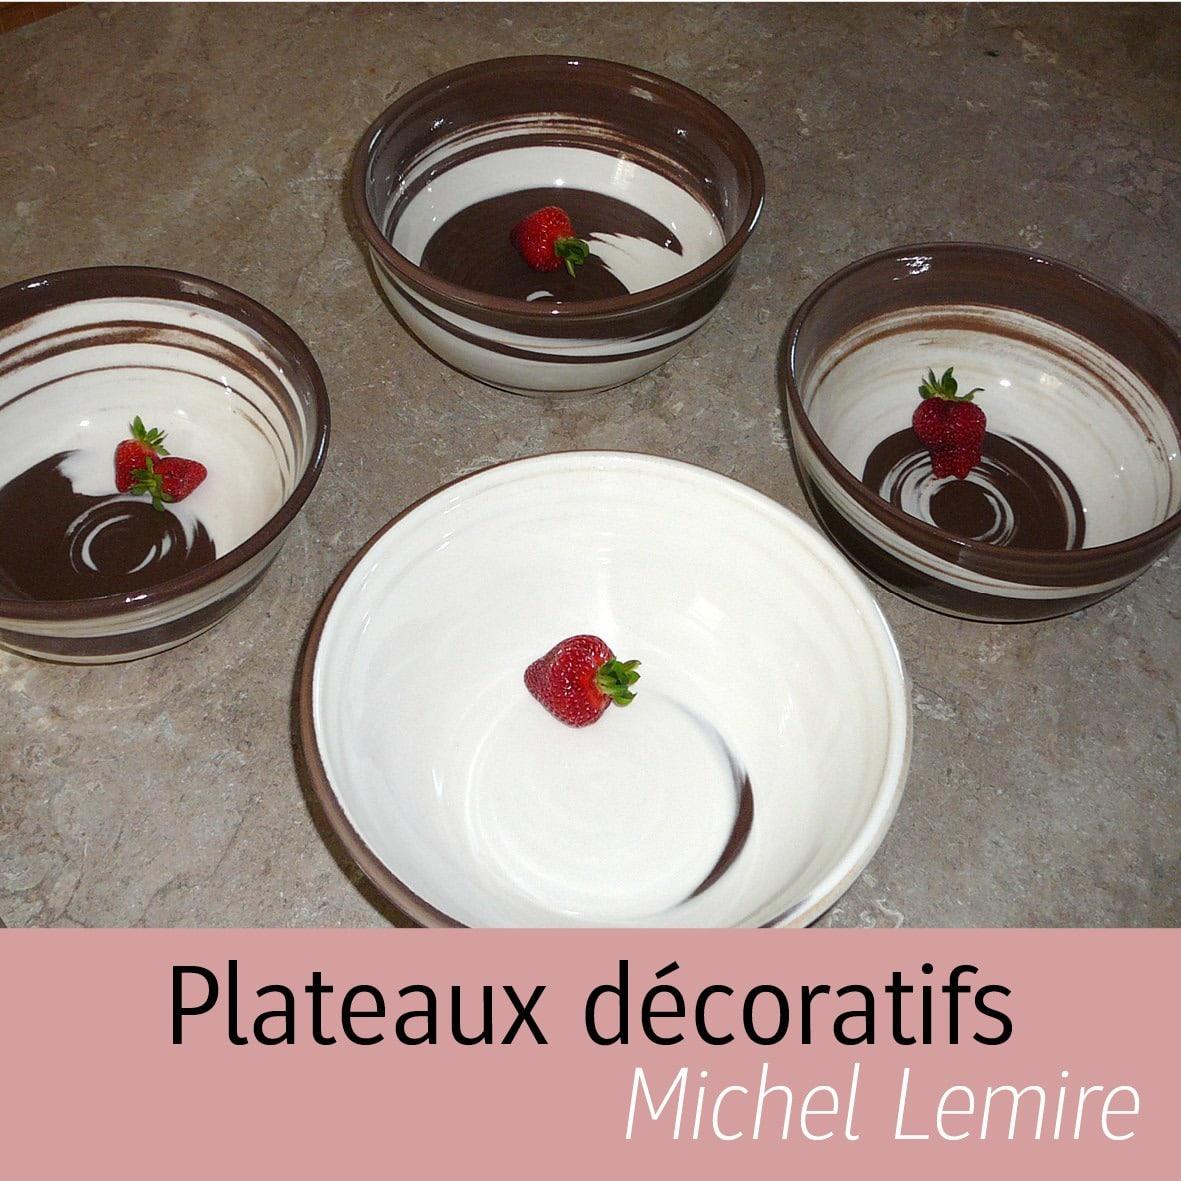 Plateaux décoratifs Michel Lemire